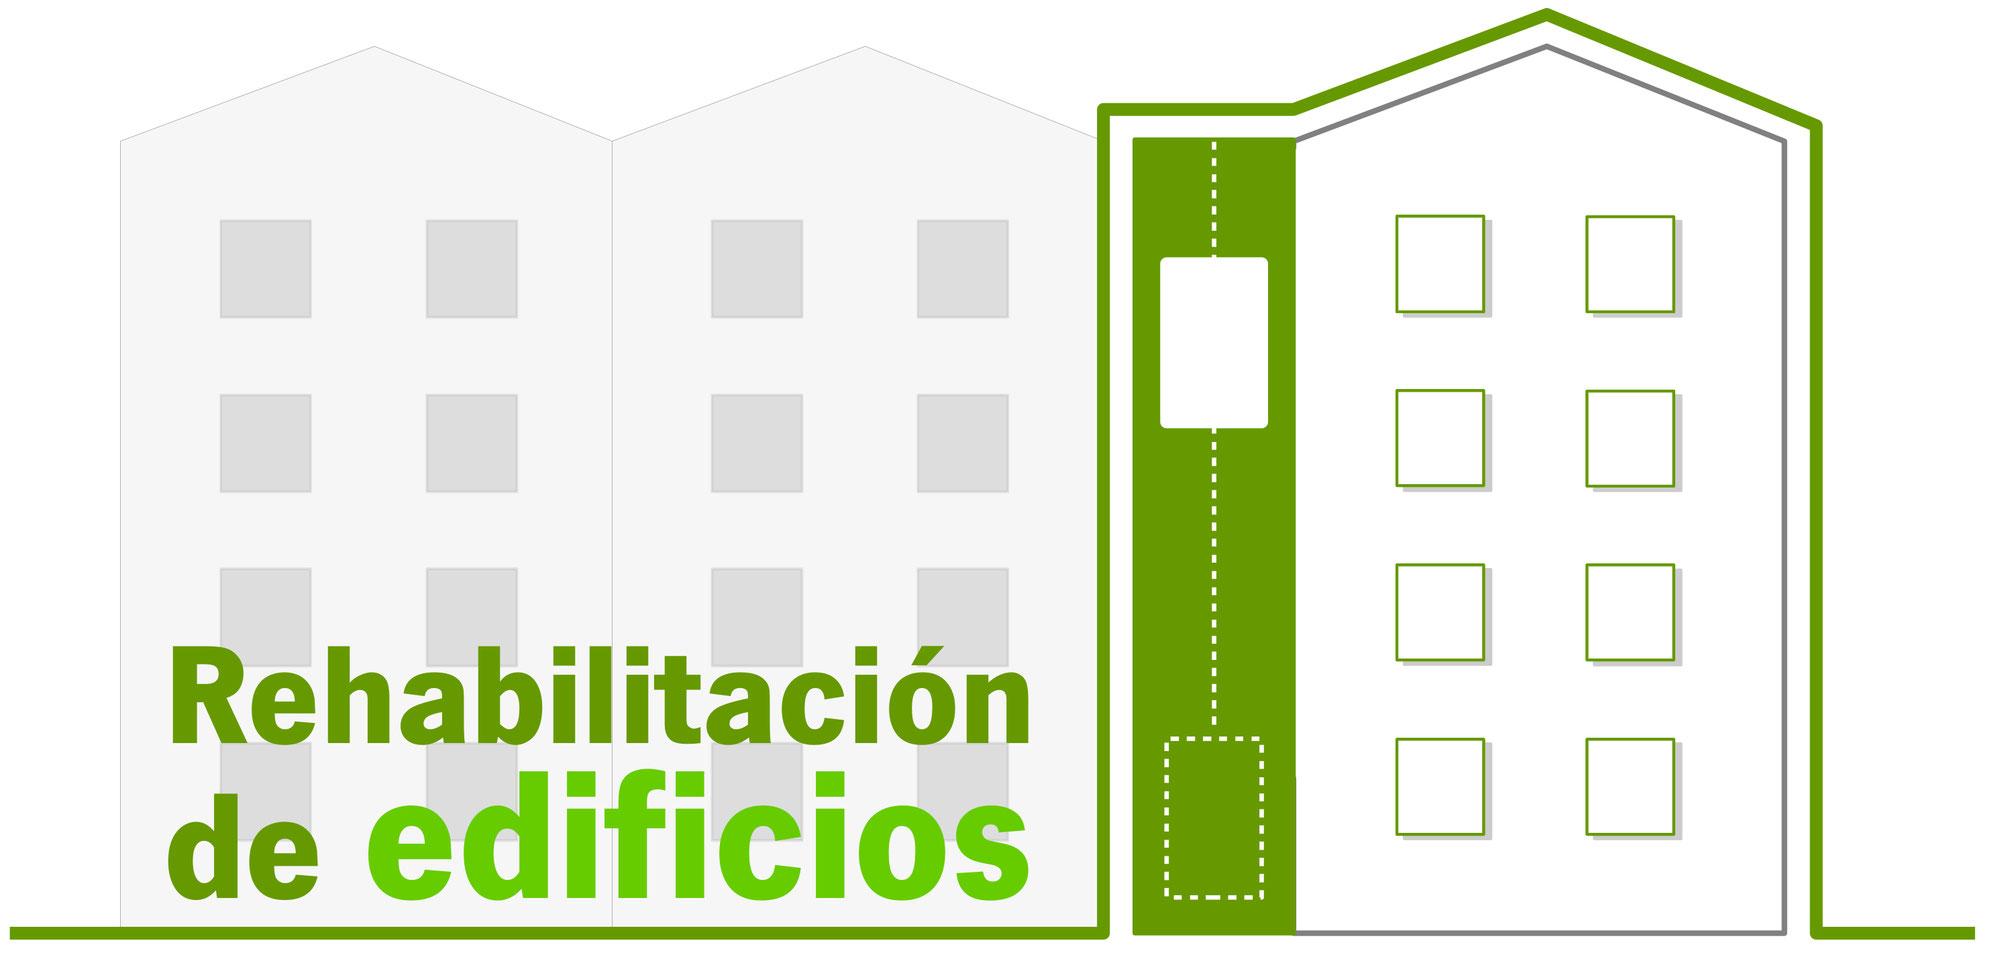 PUBLICADA NUEVA CONVOCATORIA DE SUBVENCIONES DEL PLAN VIVE DE LA JUNTA DE ANDALUCÍA